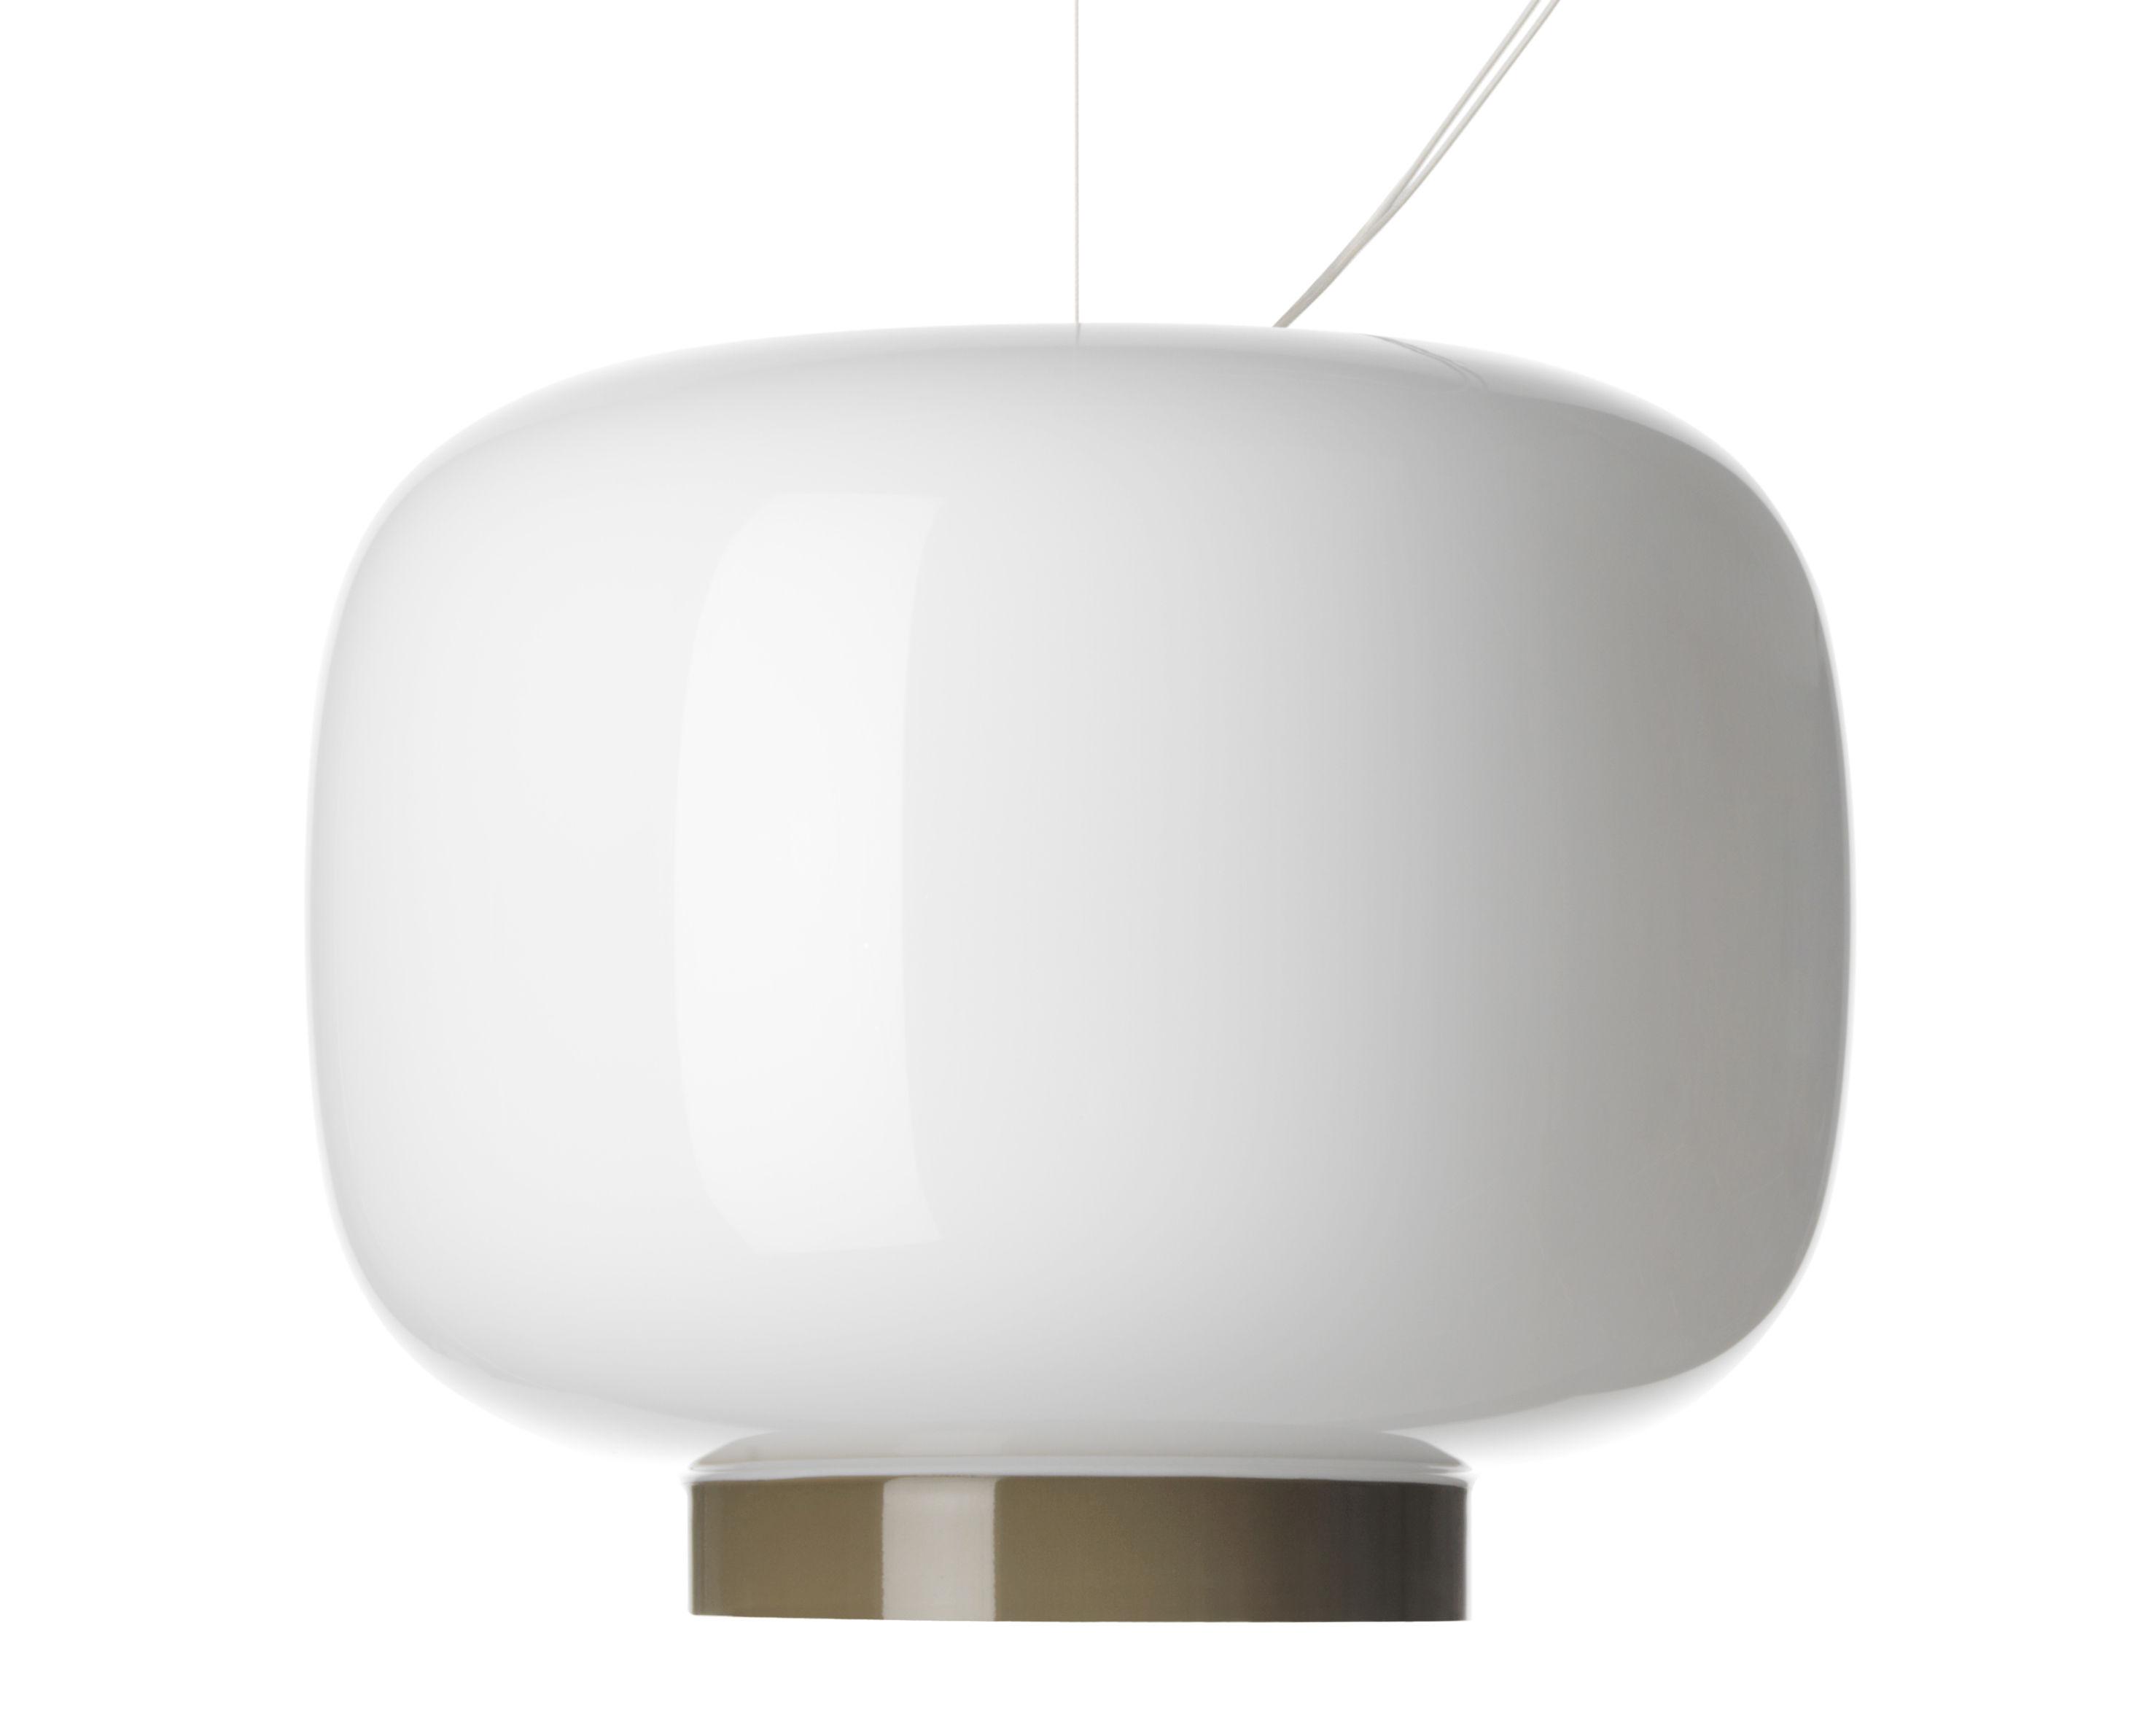 Luminaire - Suspensions - Suspension Chouchin Reverse n°3 / Ø 30 cm x H 25 cm - Foscarini - Blanc / Bande grise - Verre soufflé bouche laqué